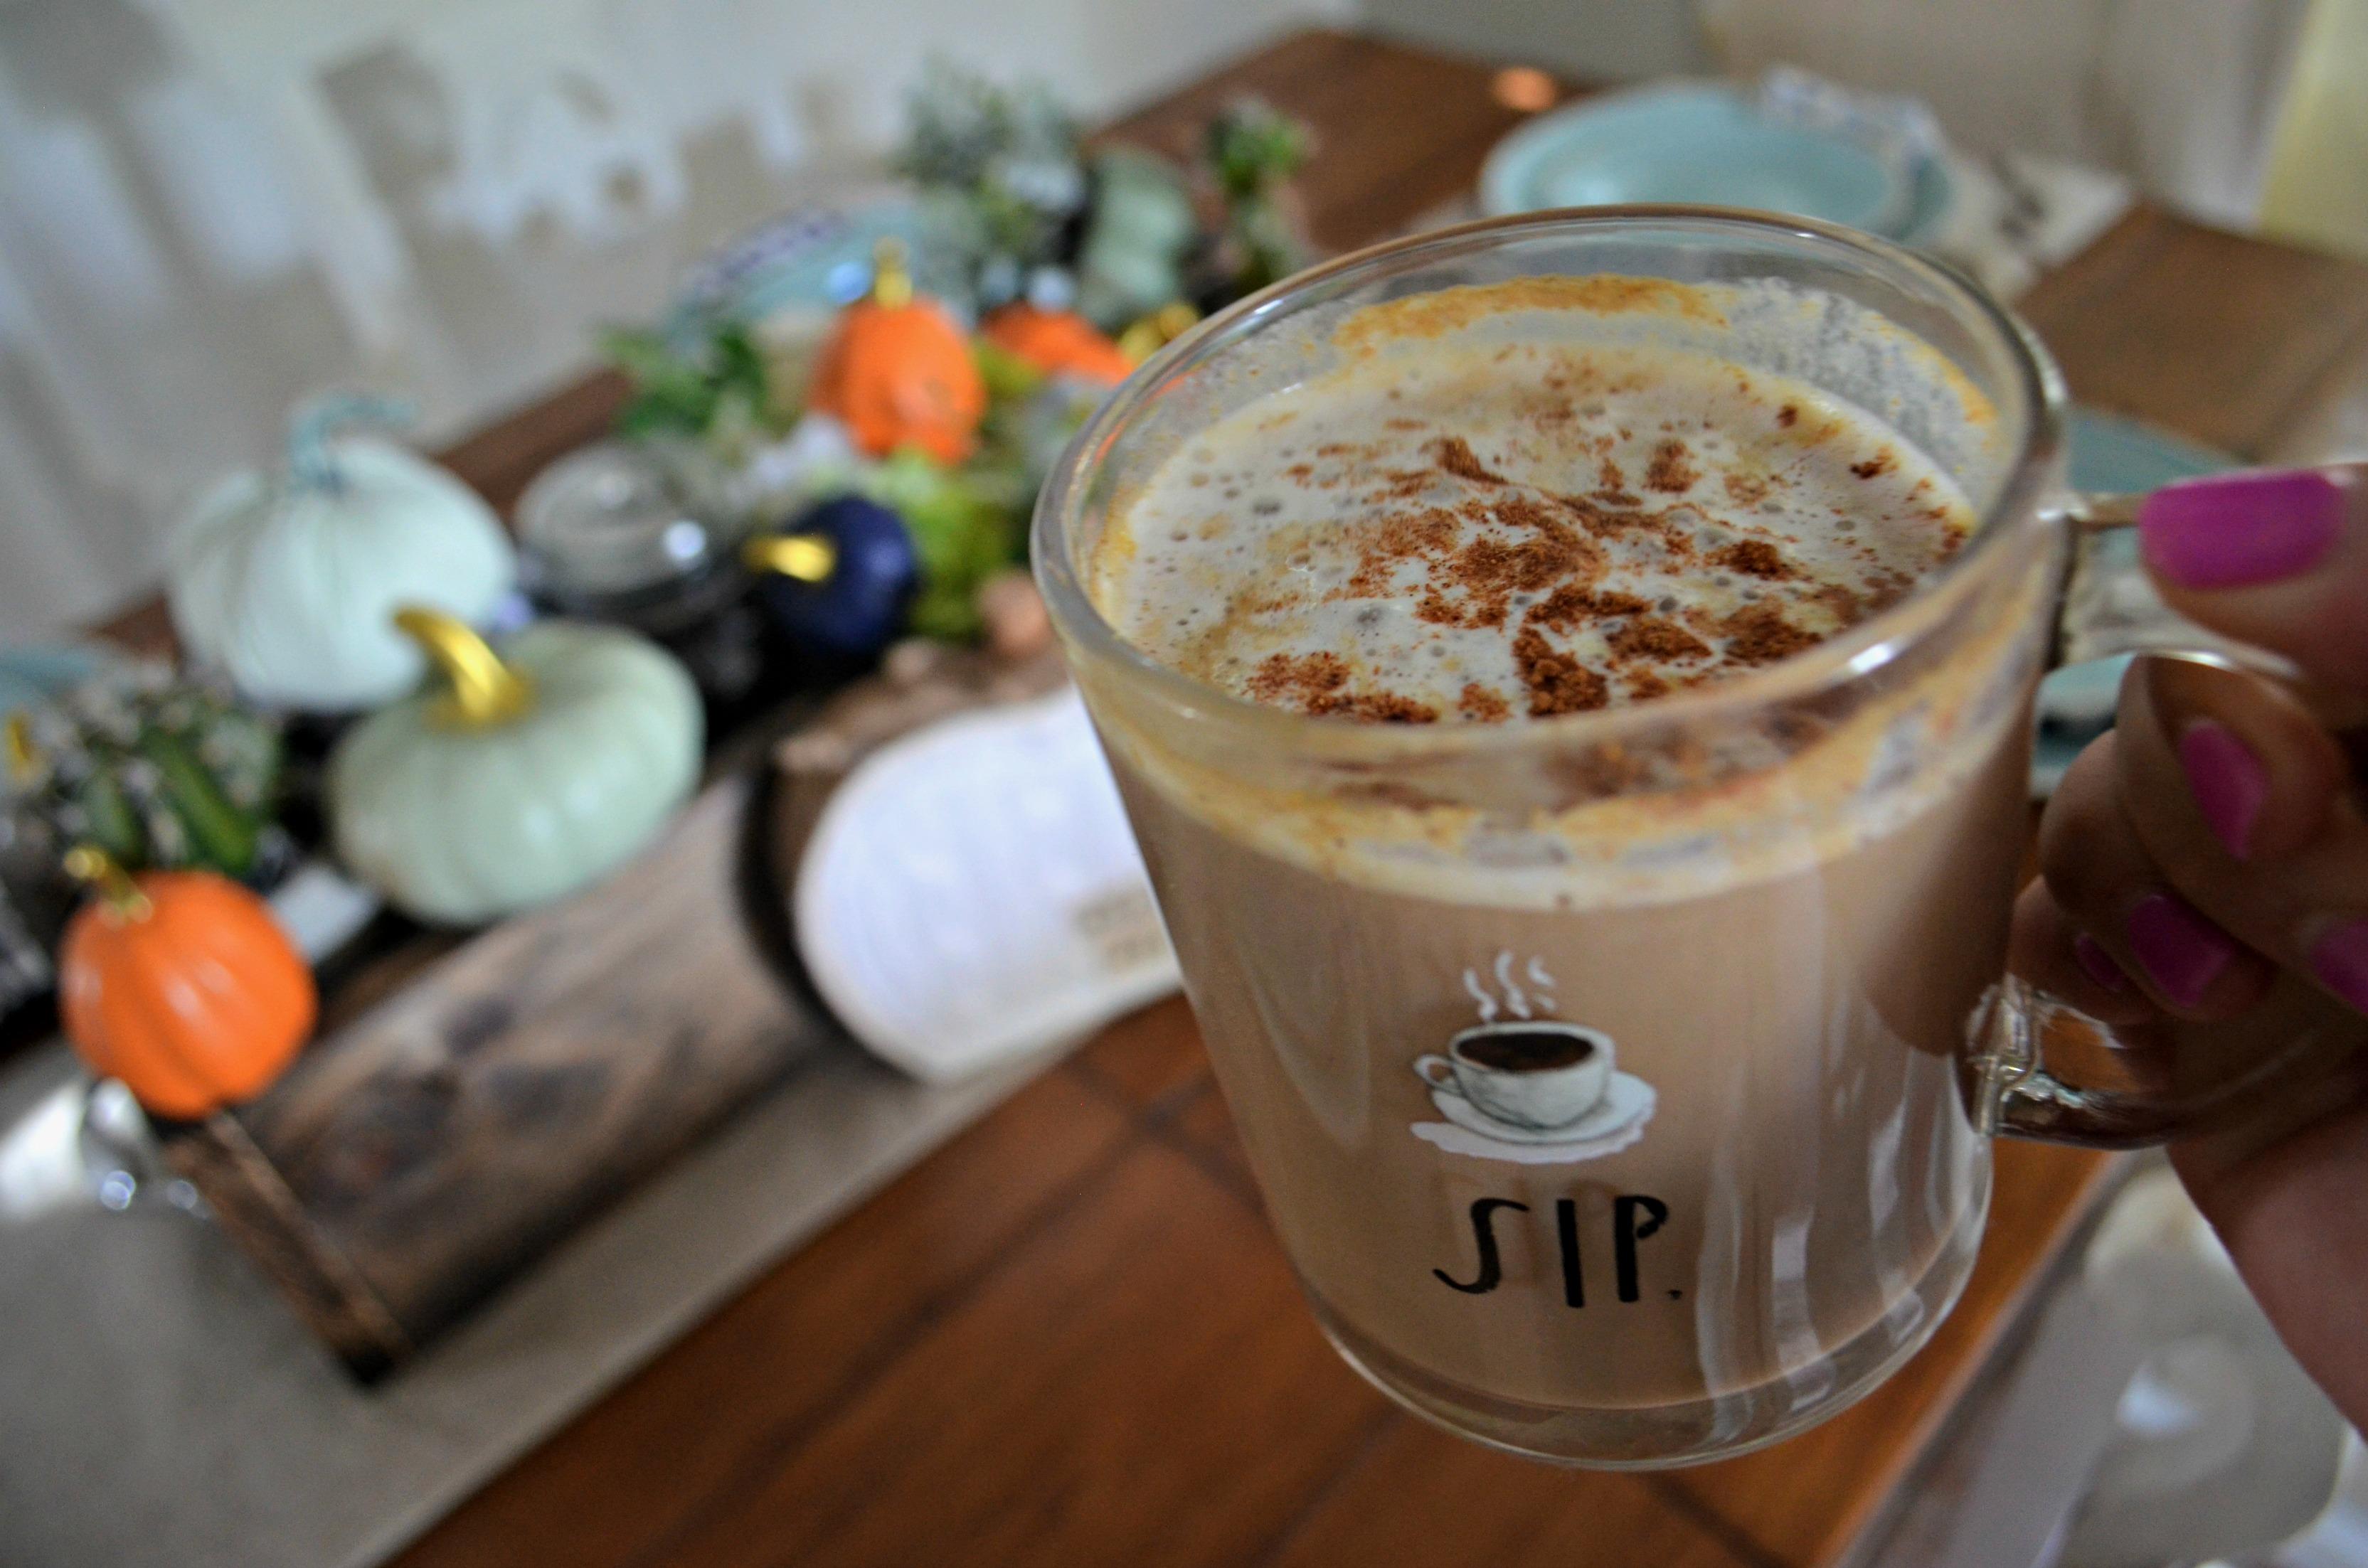 DIY Pumpkin Spice Latte -in a mug